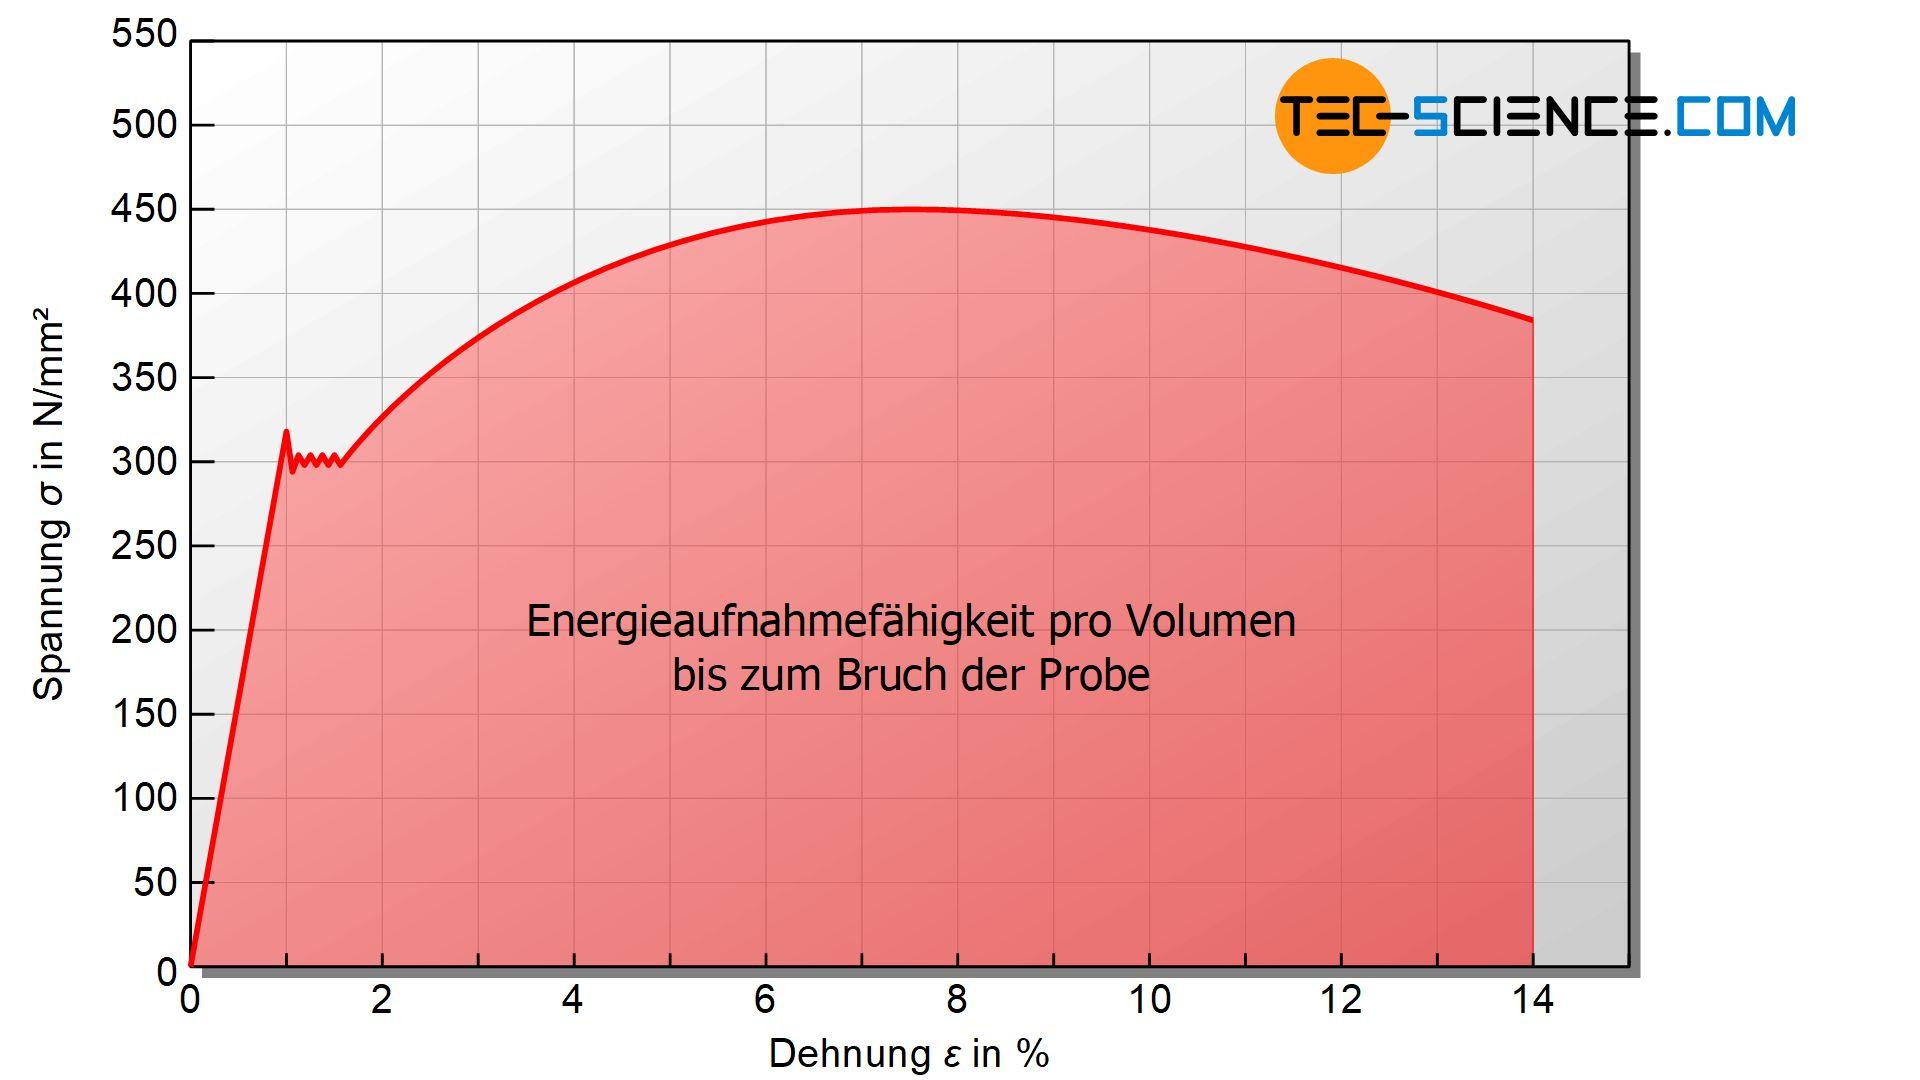 Energieaufnahme pro Werkstoffvolumen